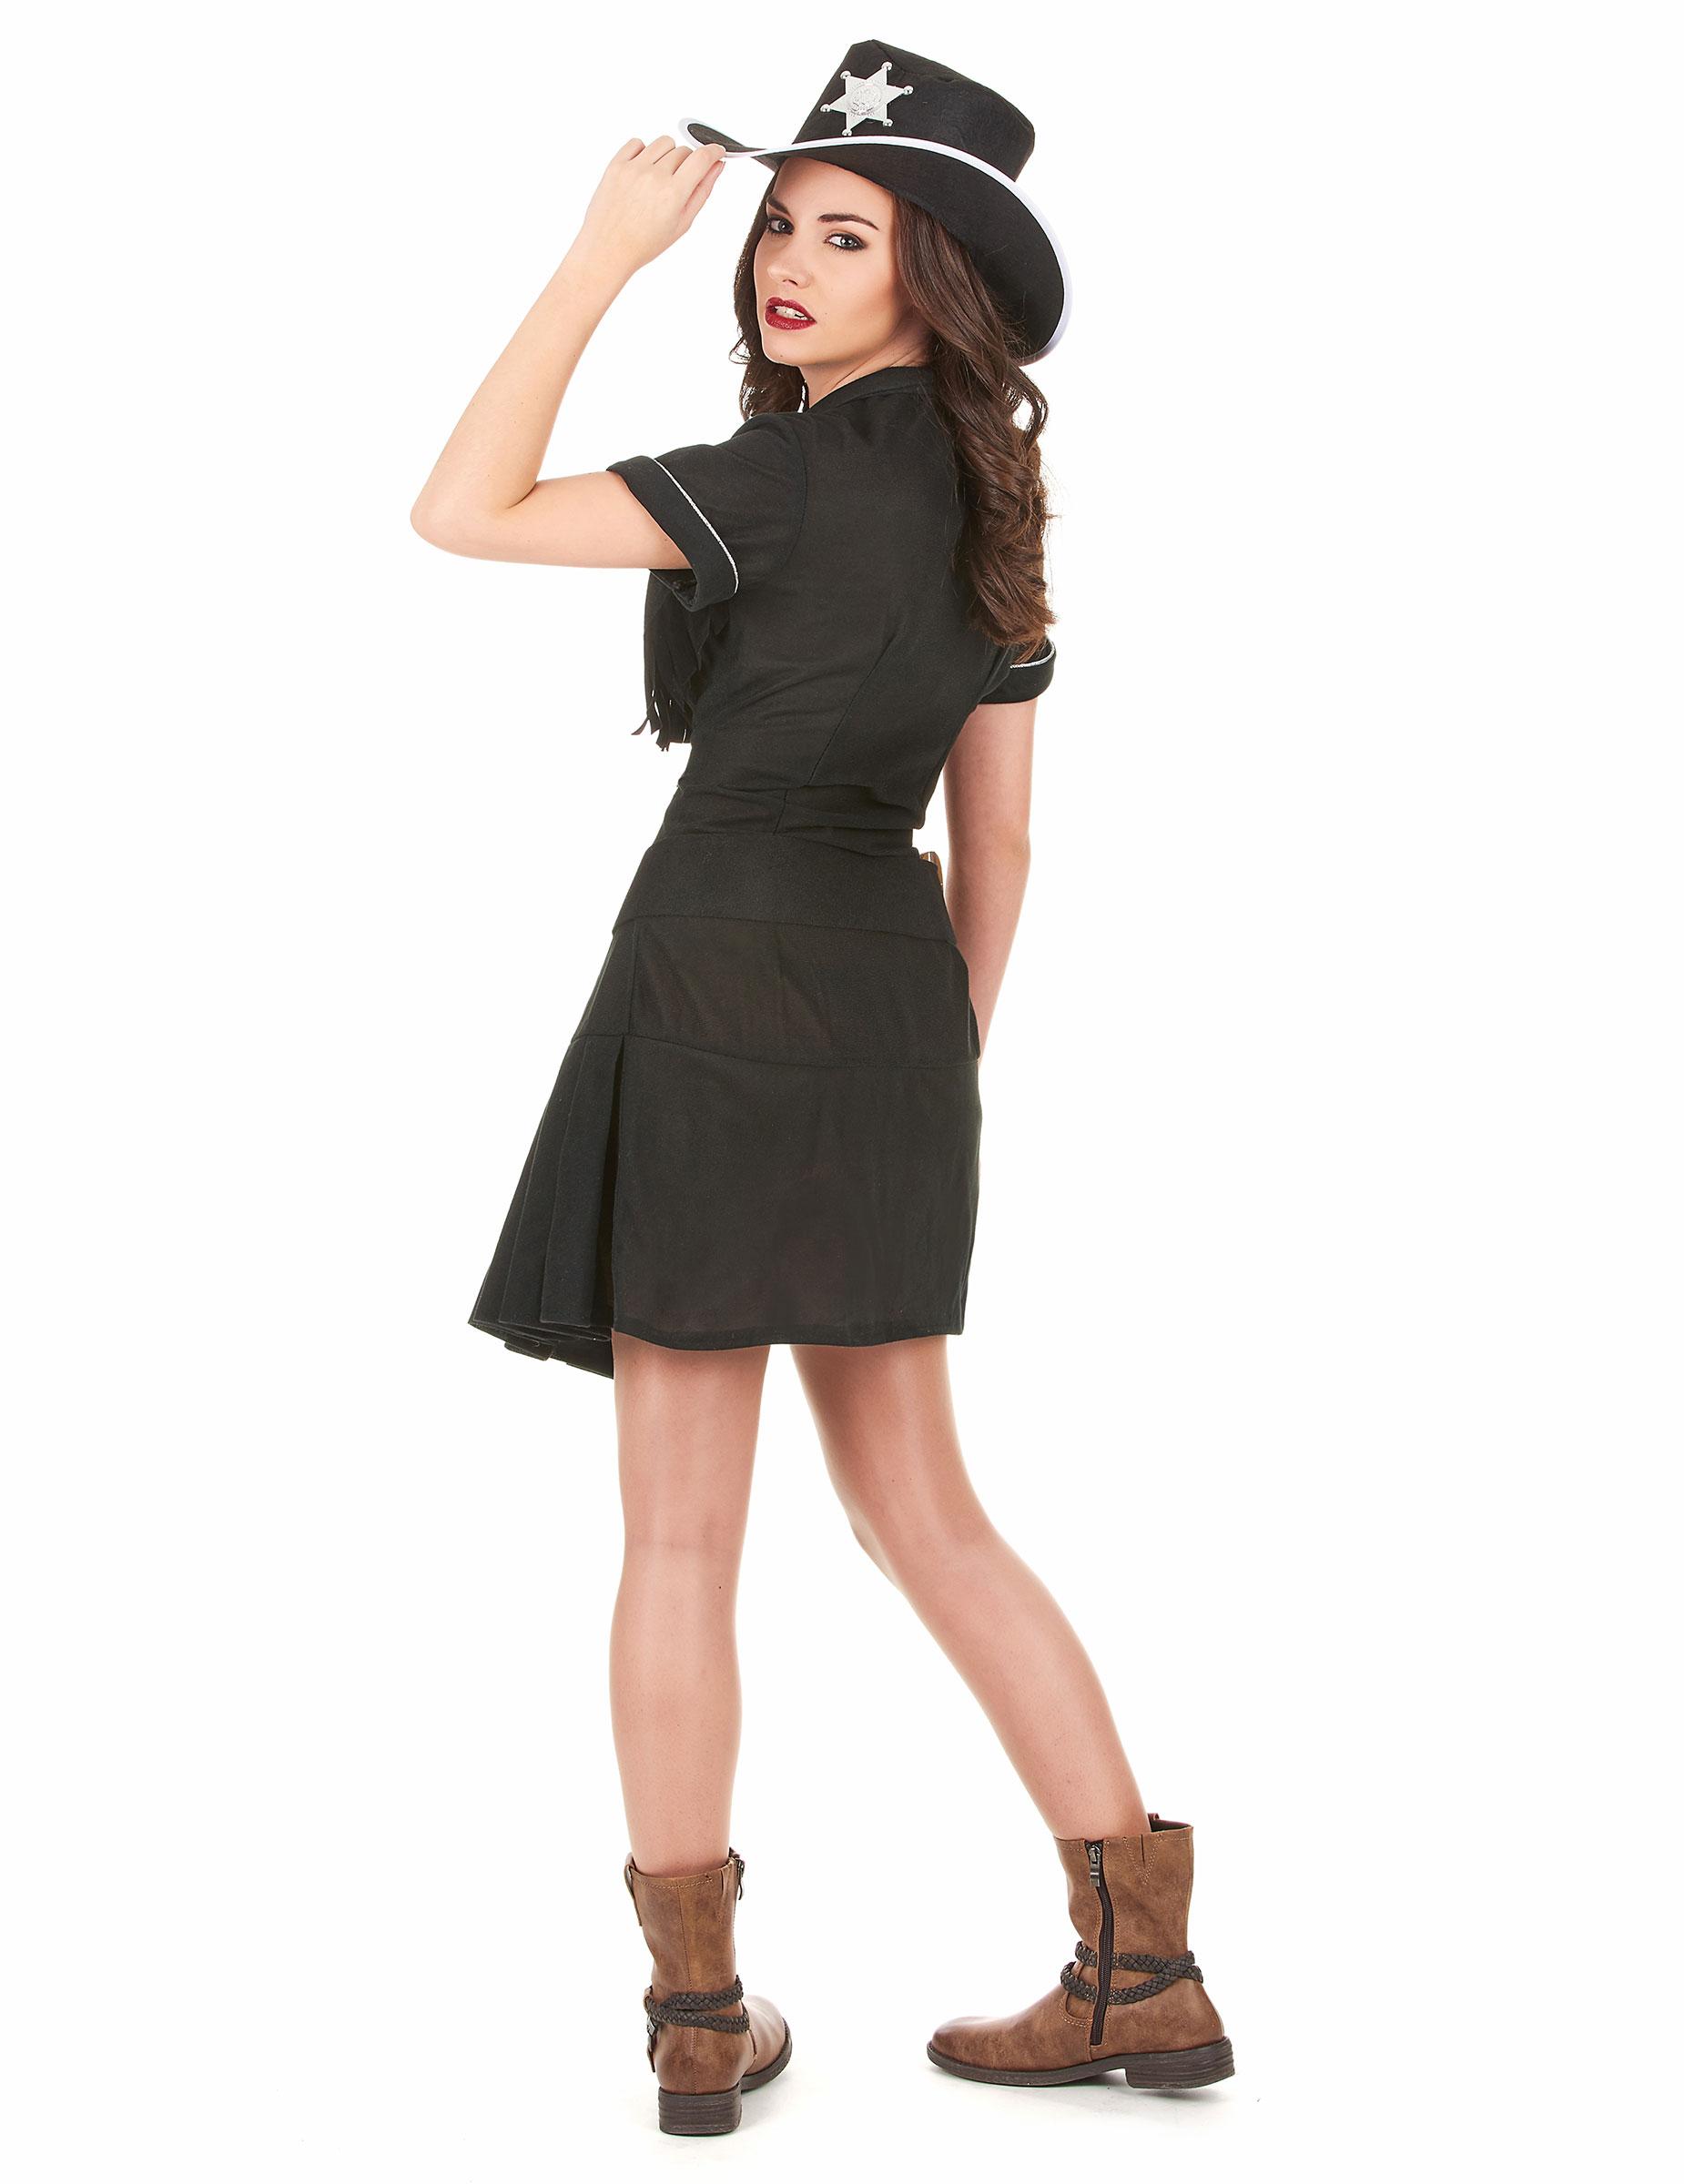 c4615f990 Disfraz de vaquera para mujer  Disfraces adultos